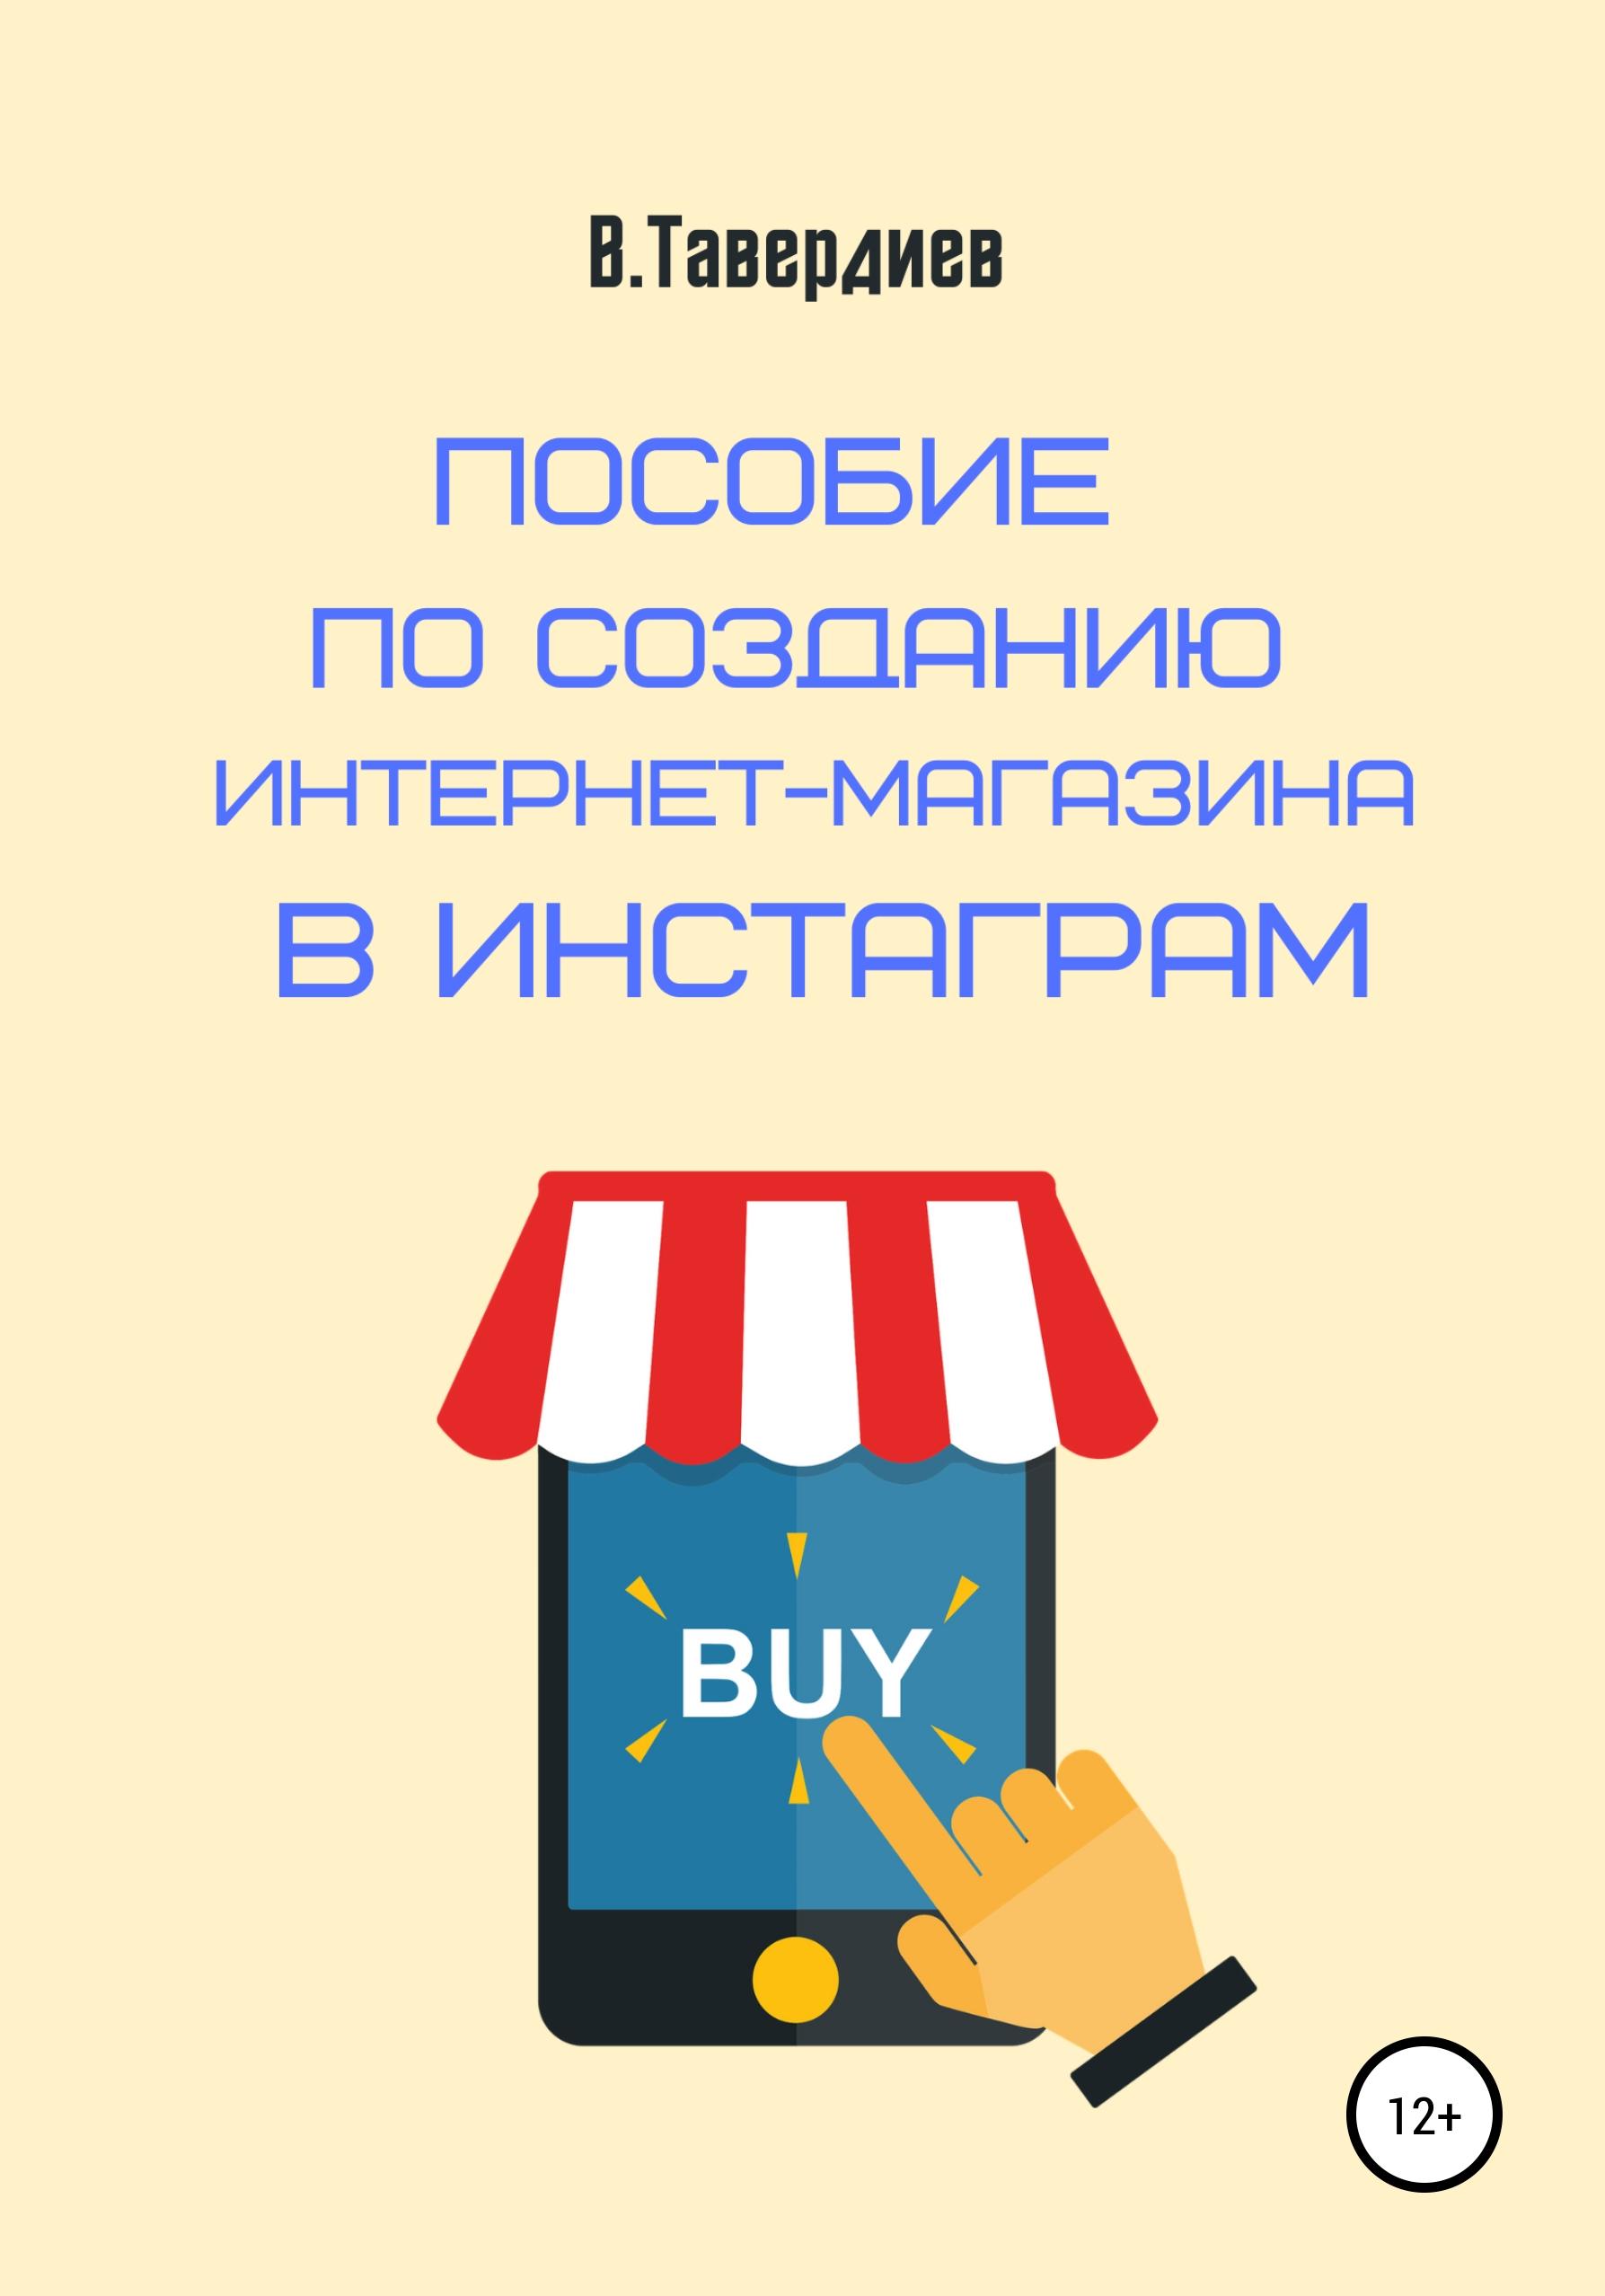 Купить книгу Пособие по созданию интернет-магазина в Инстаграм, автора Владимира Владимировича Тавердиева